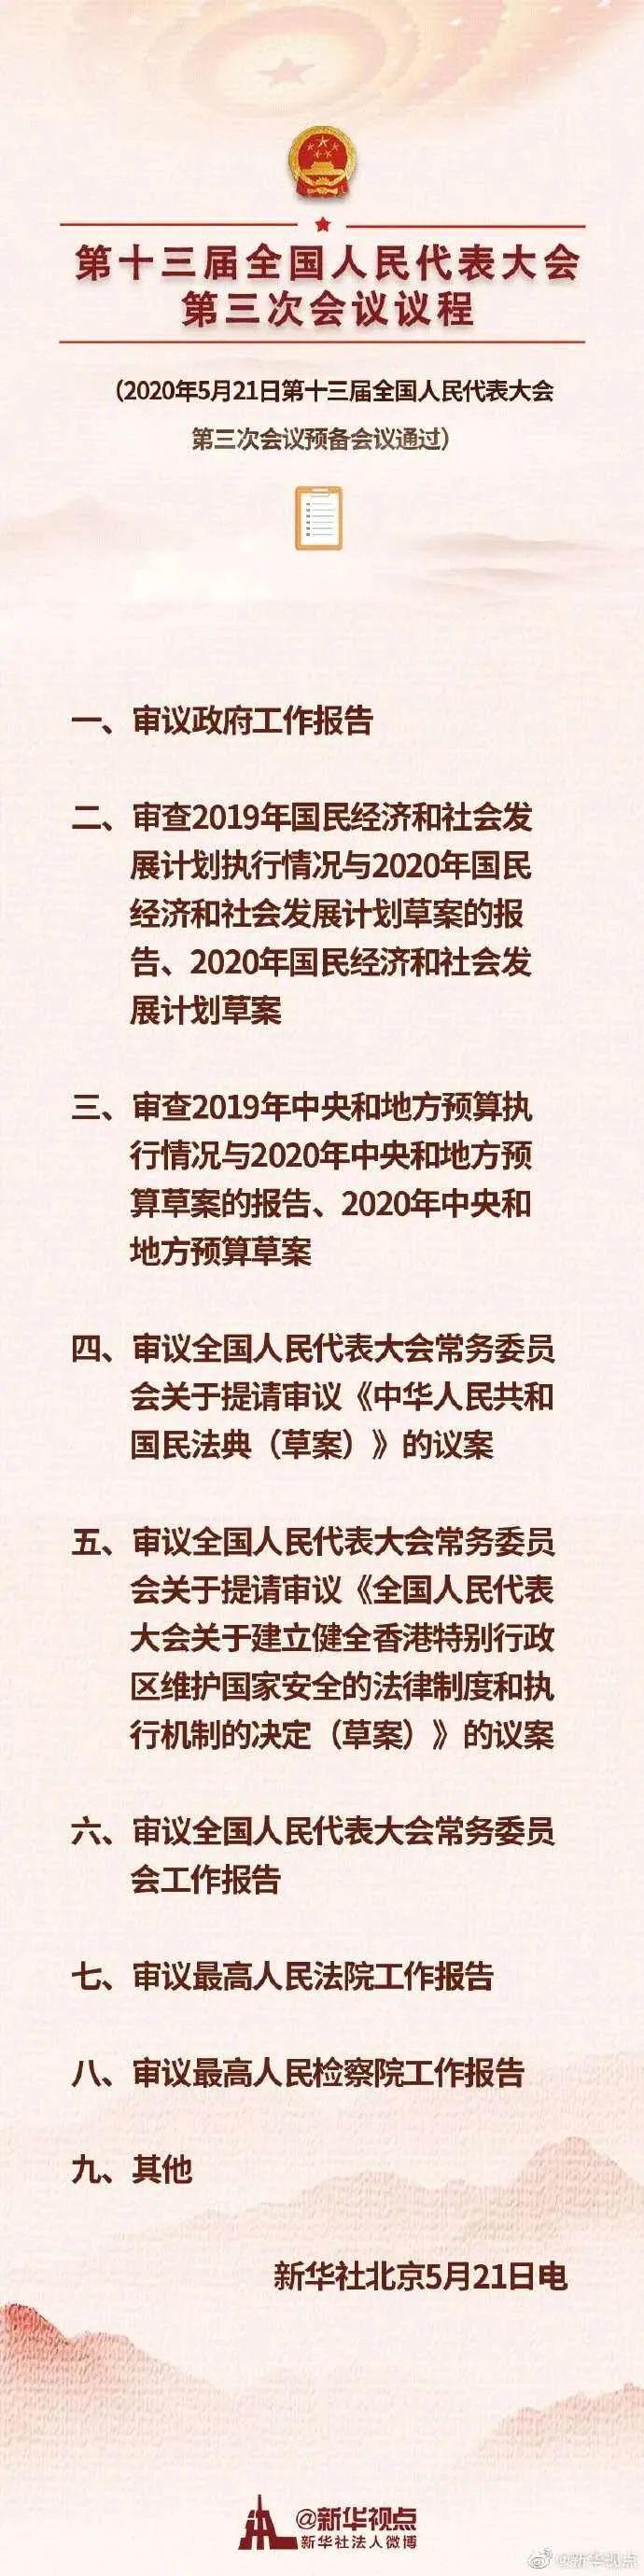 """重磅发声!中国不惹事但也不怕事,绝不接受任何滥诉和索赔要求,不存在""""隐性军费"""""""